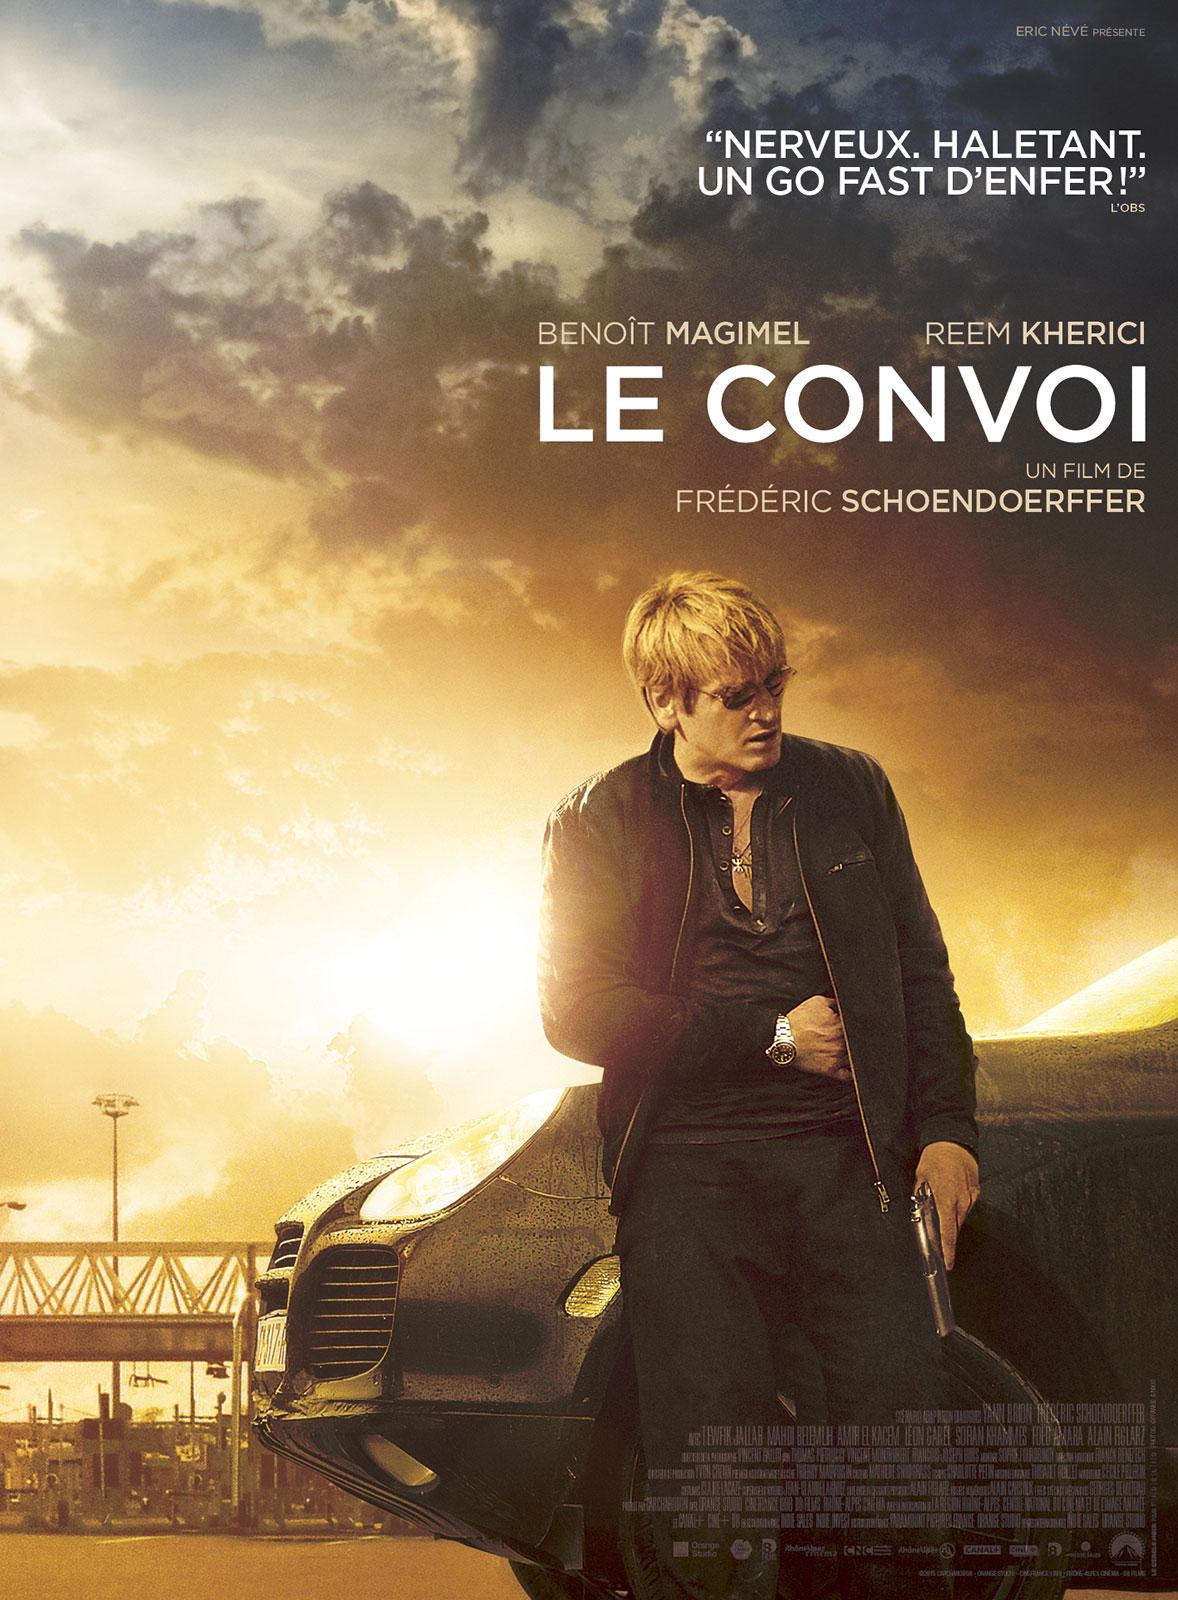 Le Convoi